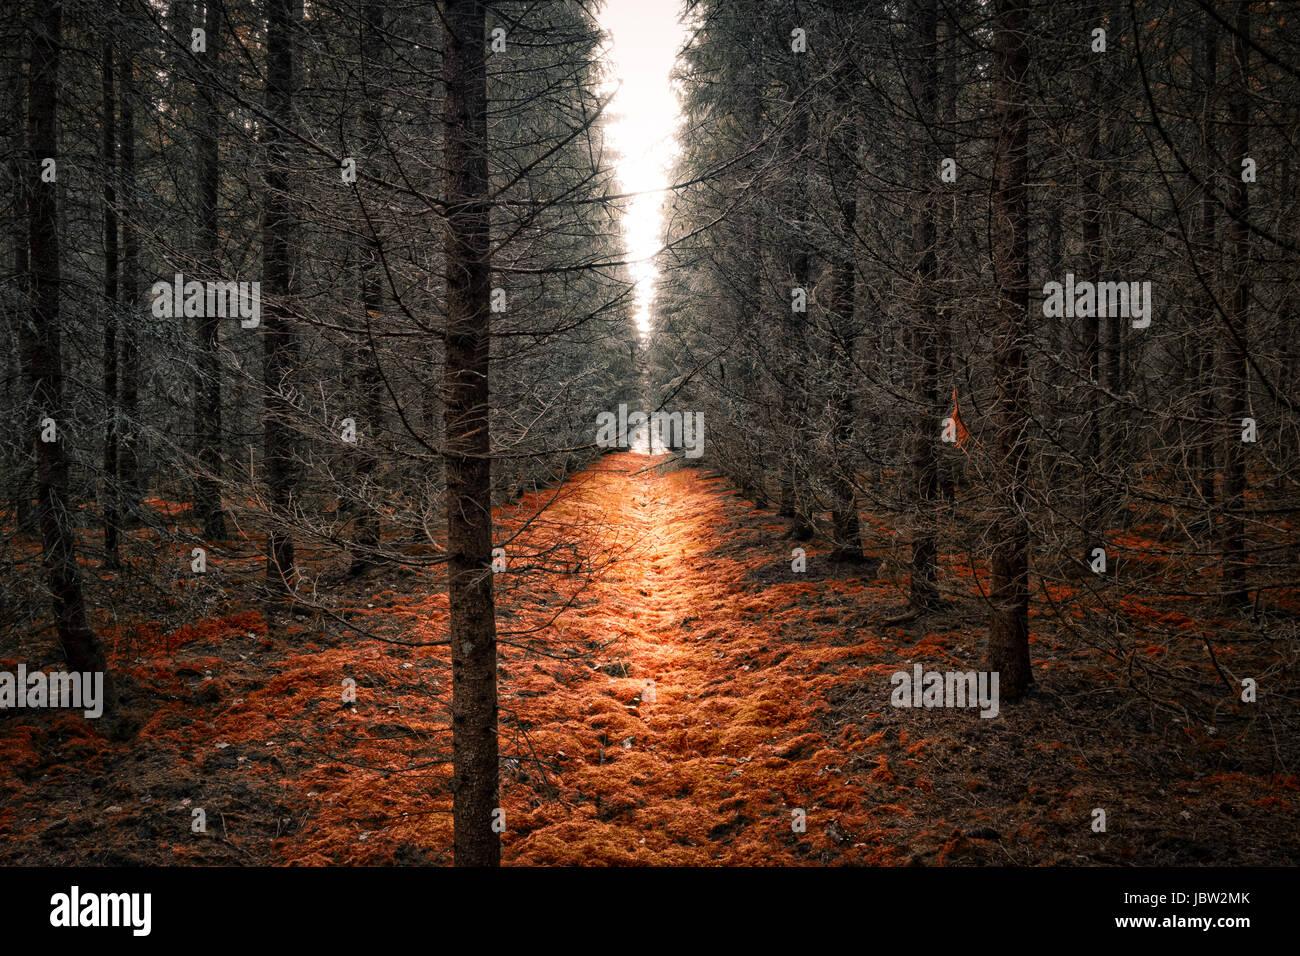 Malerische Landschaft mit Trockenwald und helles Licht Stockbild